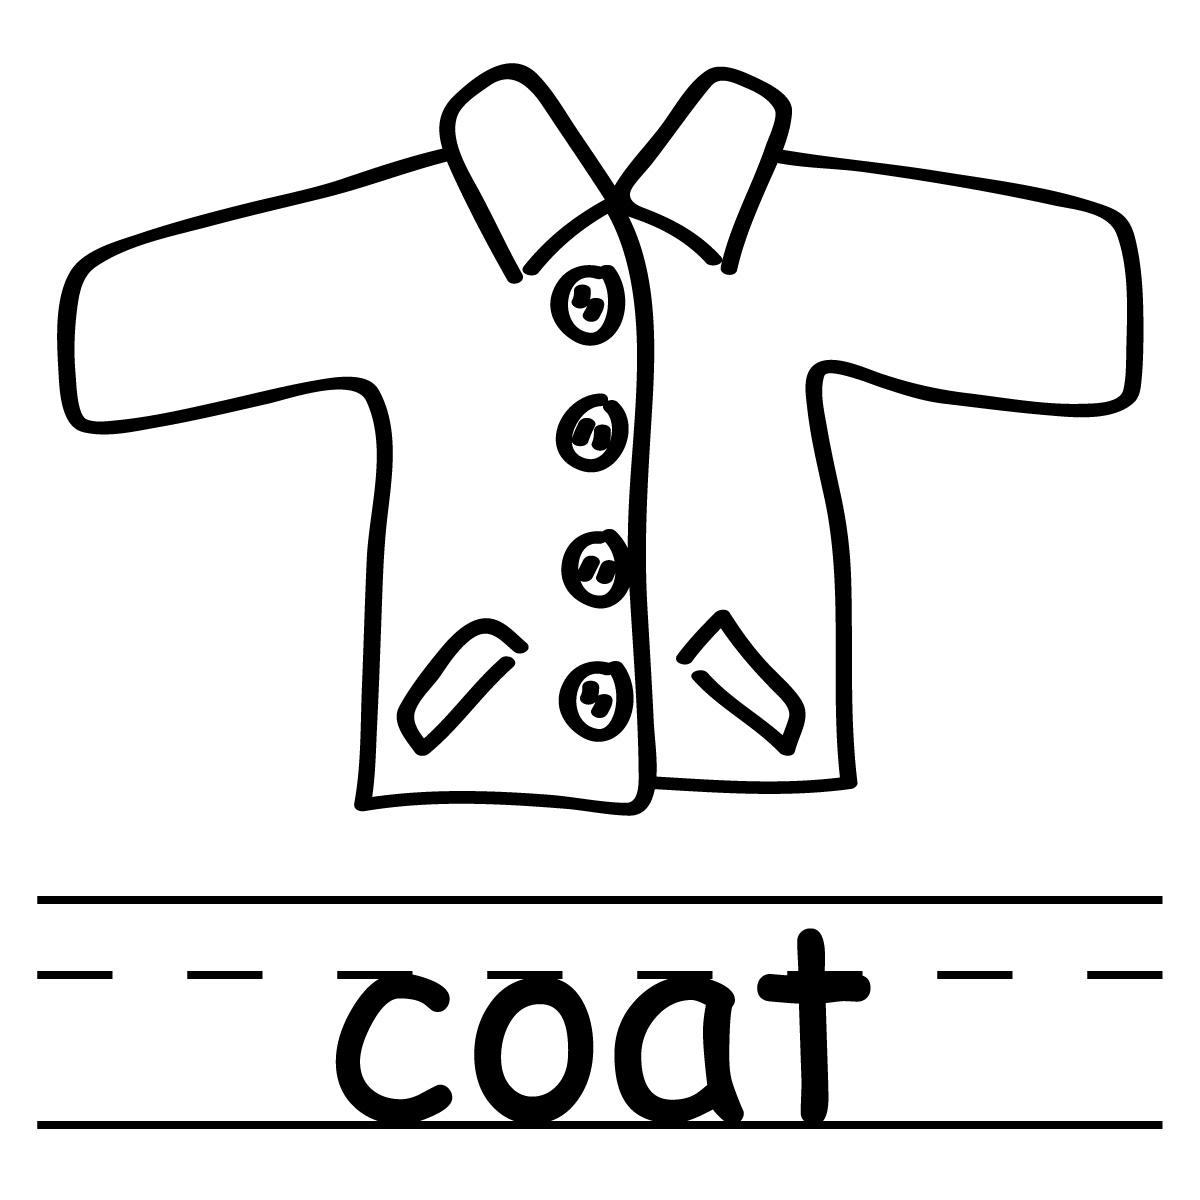 Free Coats Cliparts Download Free Clip Art Free Clip Art